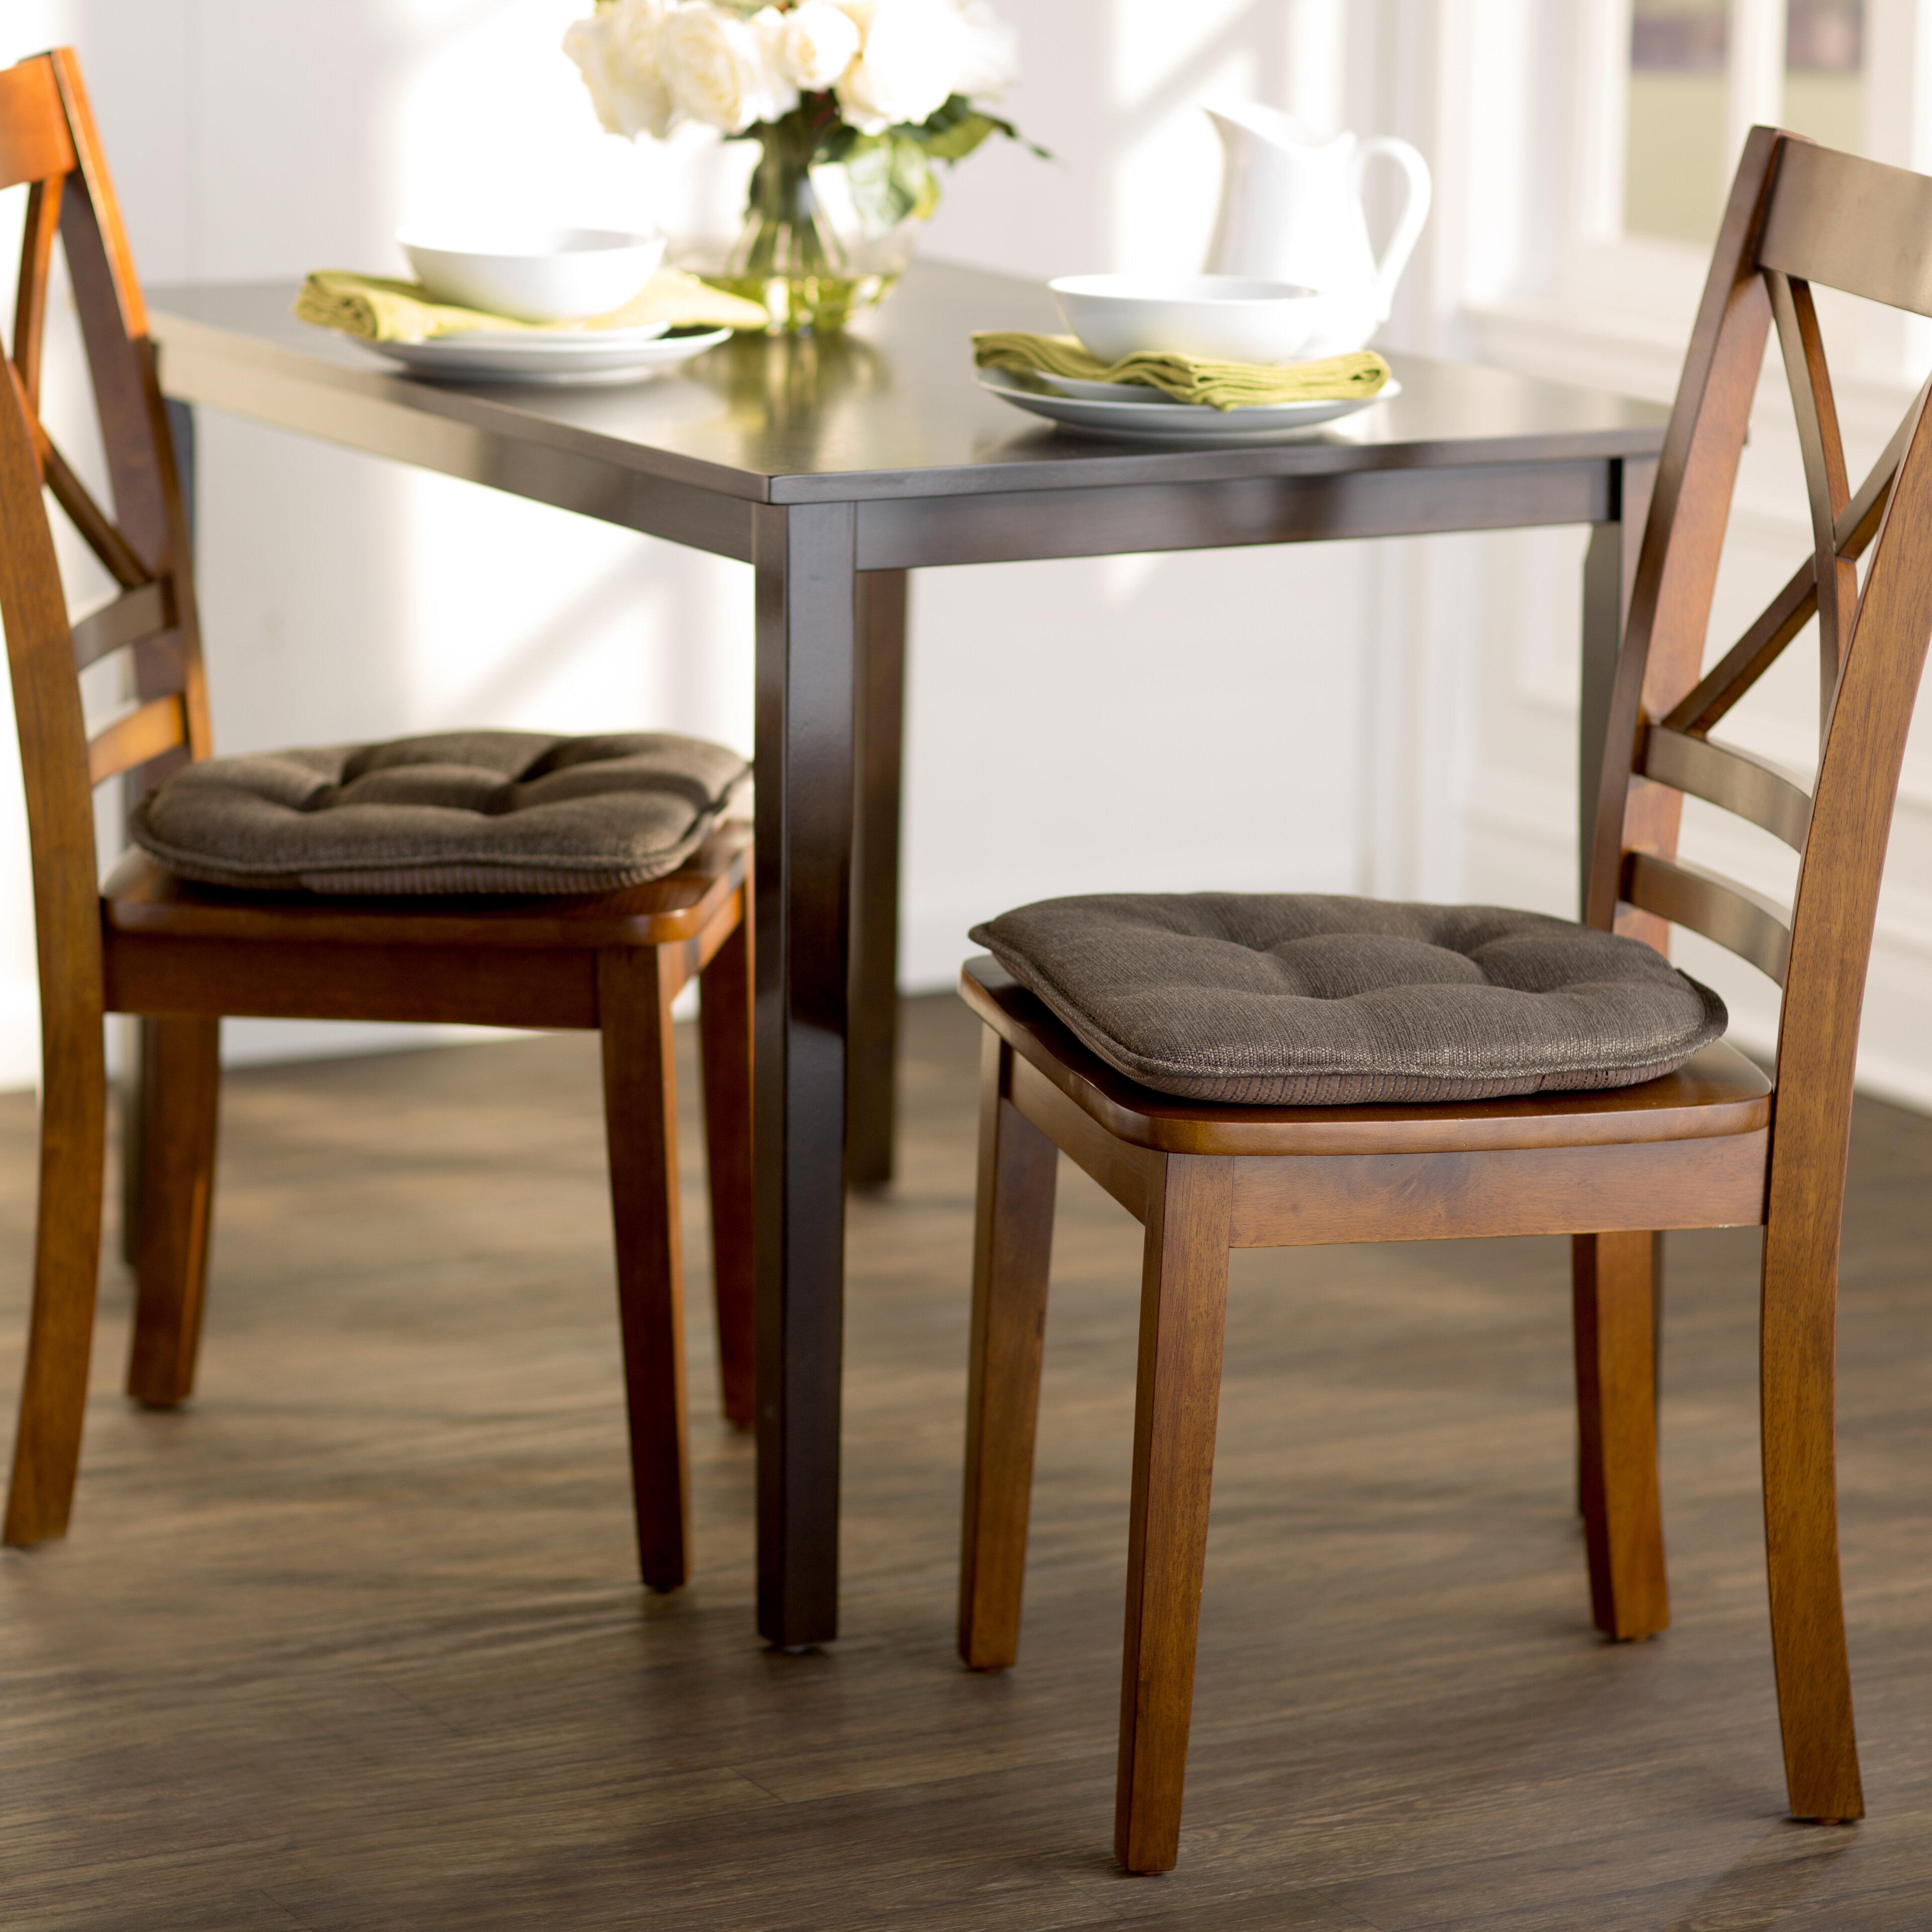 Chair Pads Kitchen Chair Cushions You Ll Love In 2021 Wayfair